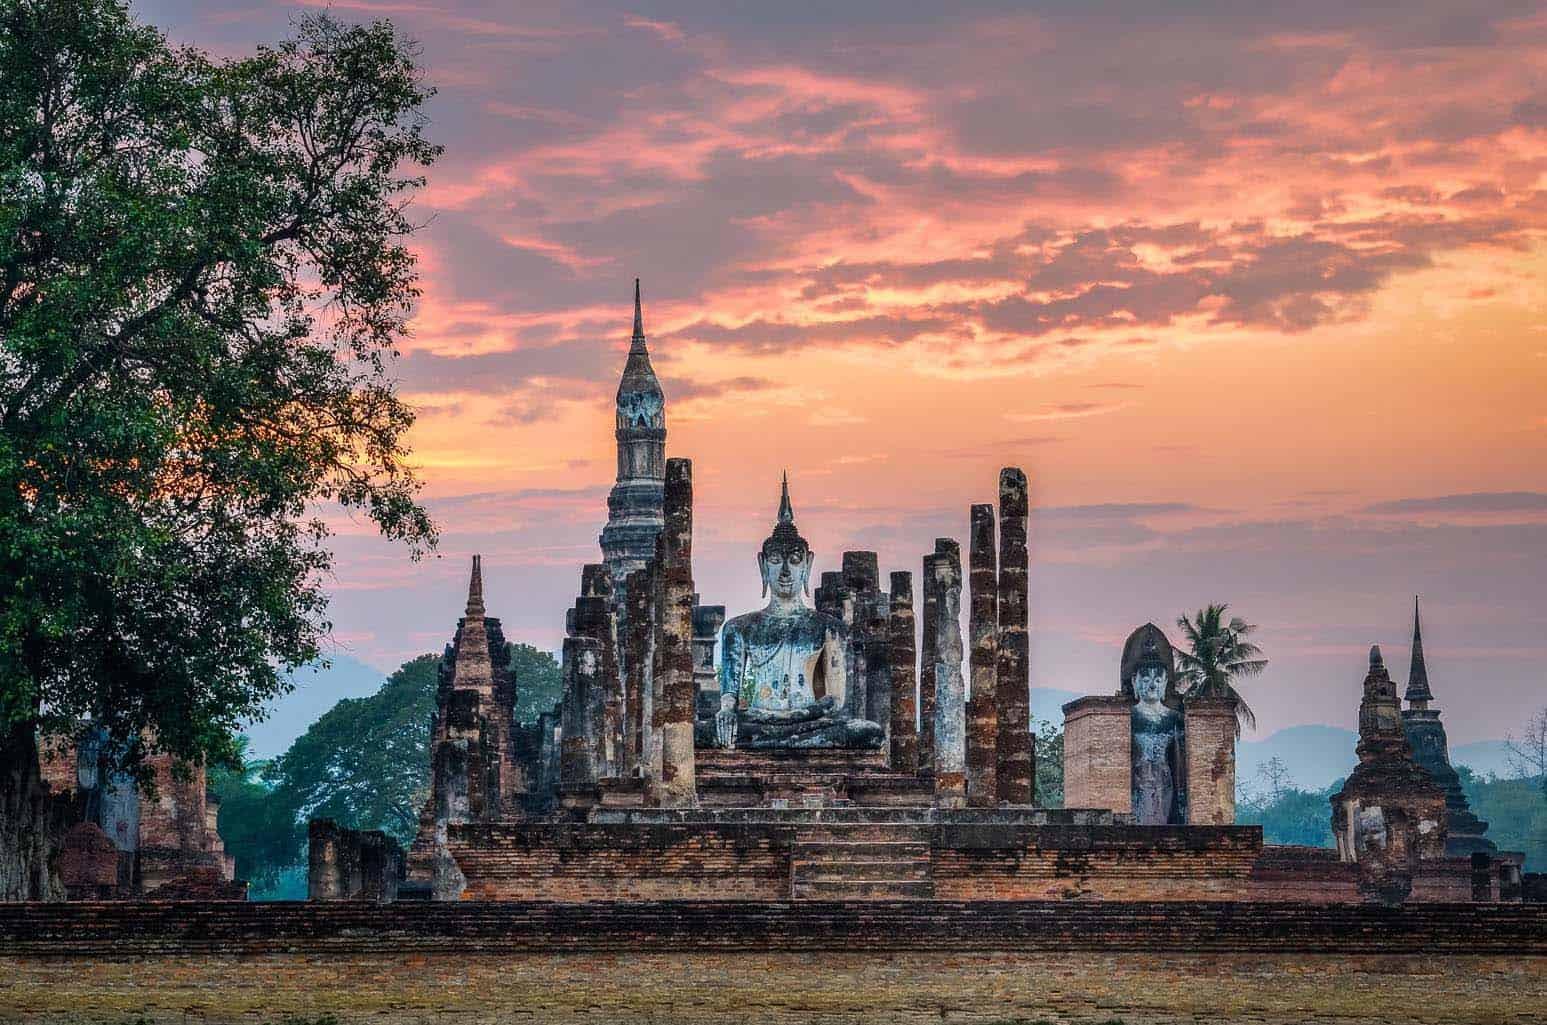 Trails & Gems of Siam